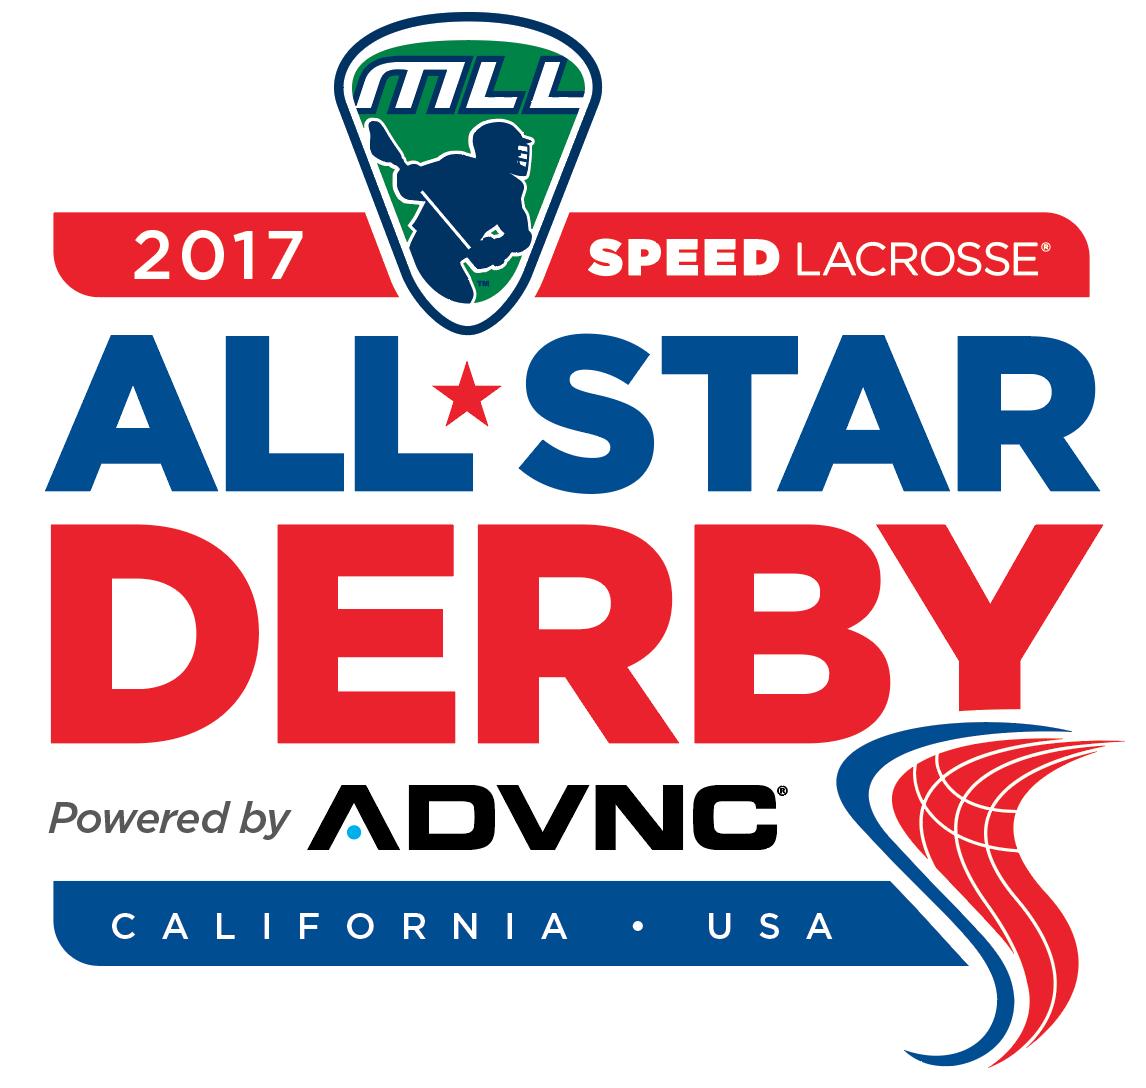 affiliates speed lacrosse